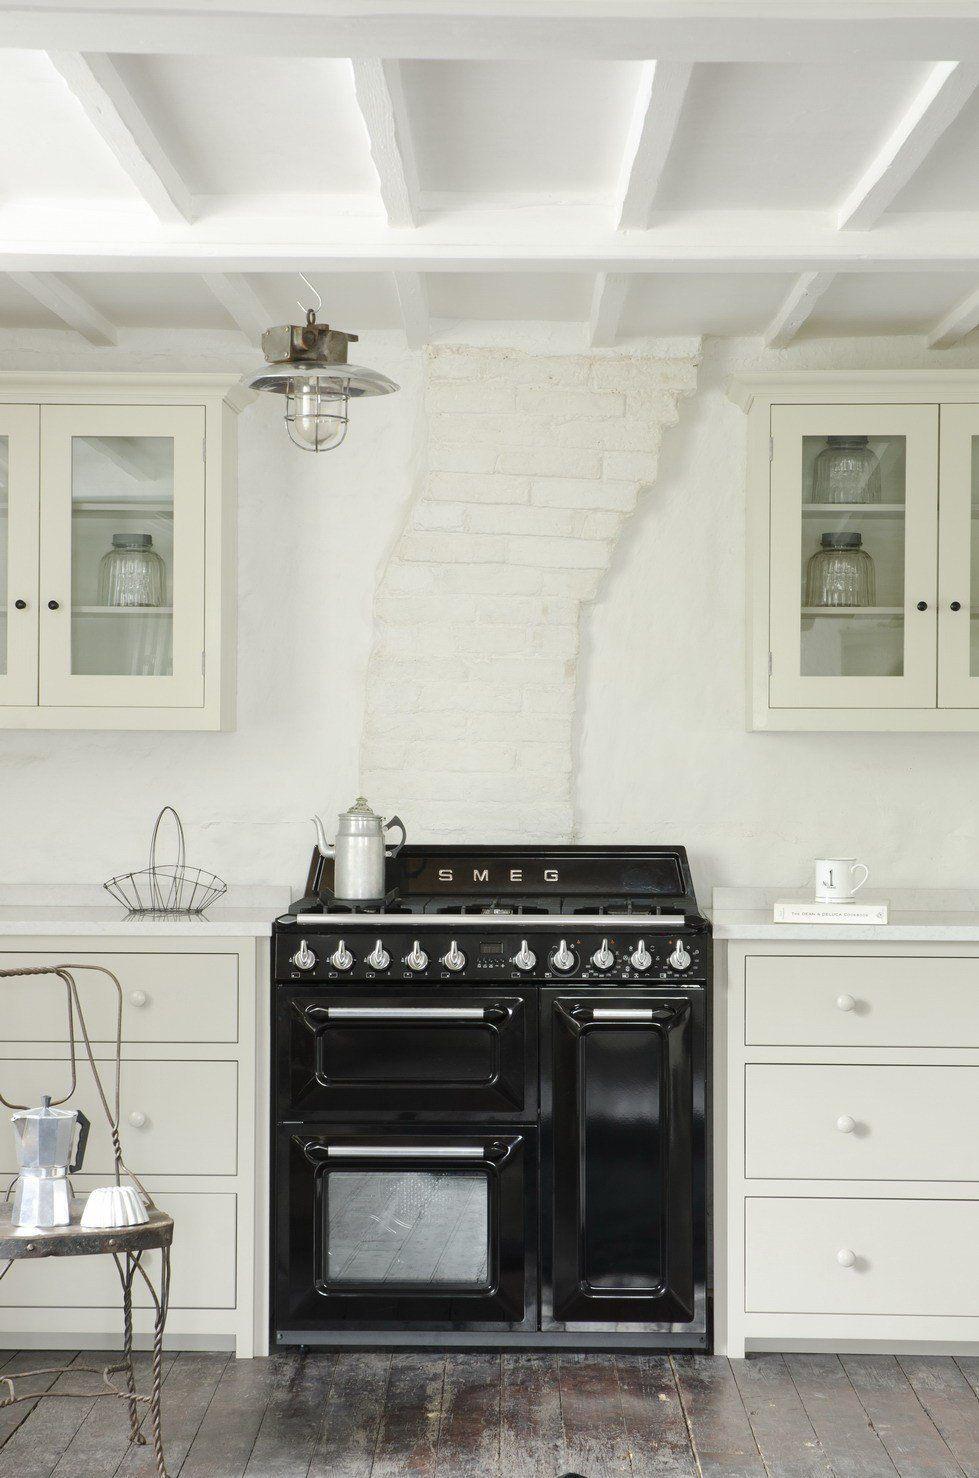 Awesome Cucine Smeg Prezzi Gallery - Idee Pratiche e di Design ...